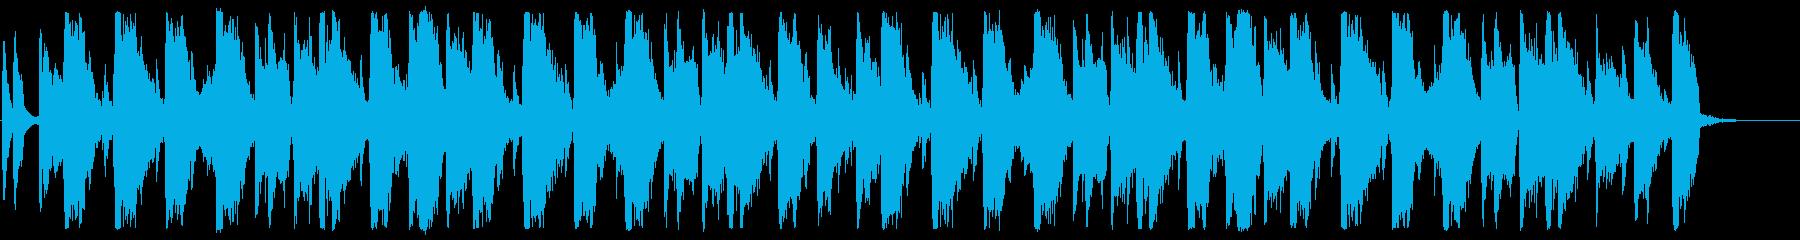 ディスコジングルの再生済みの波形